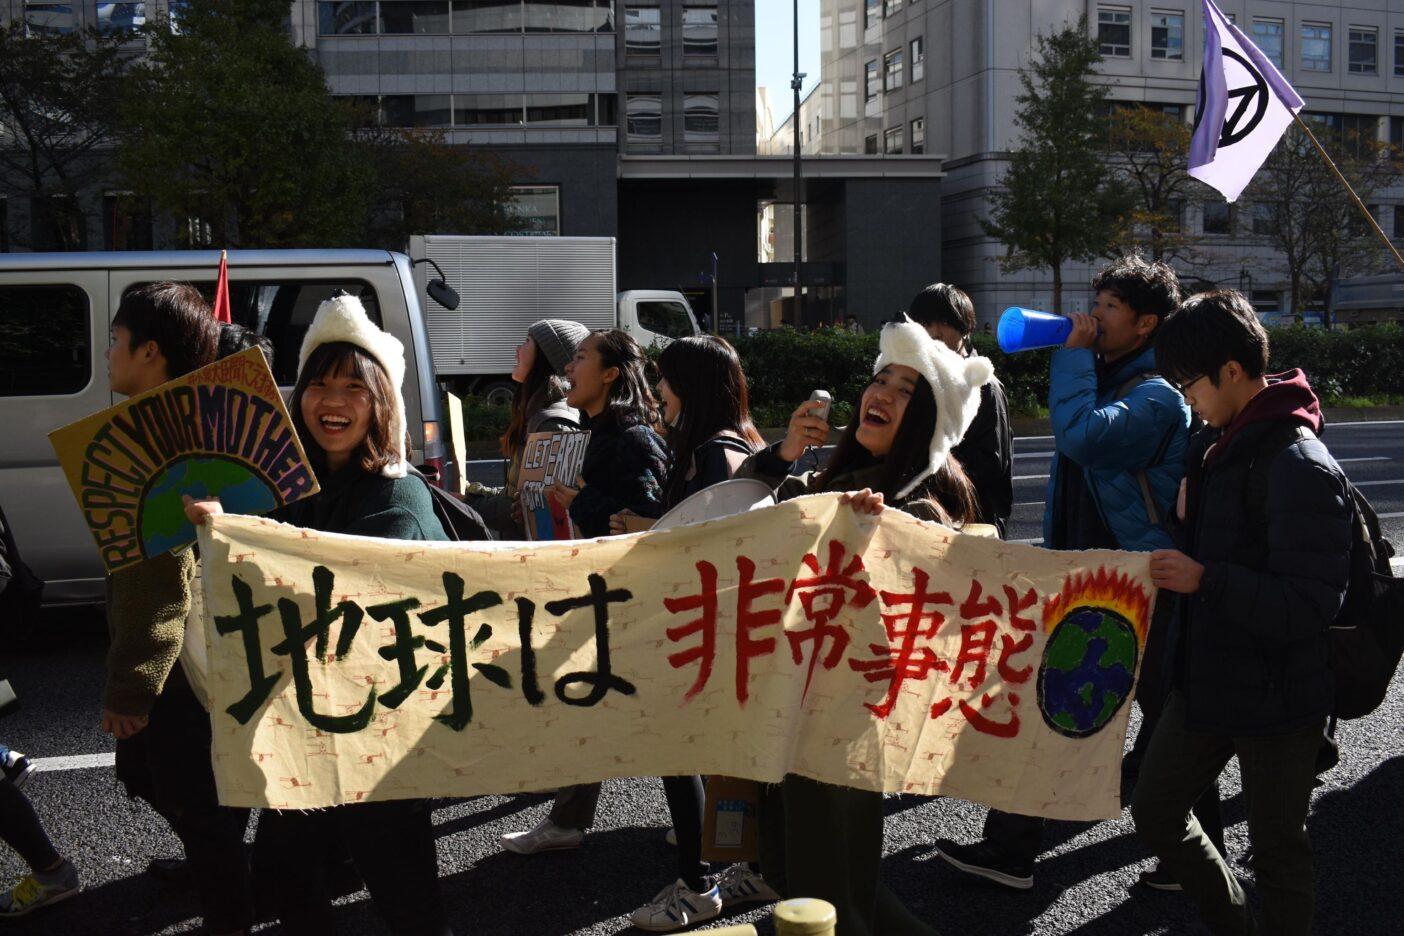 2019年11月世界一斉グローバル気候マーチにて、FFF Tokyoの仲間とコールをあげる。「What do you want?」「Climate justice!」「When do you want it?」「Now!」写真:鈴木 弥也子